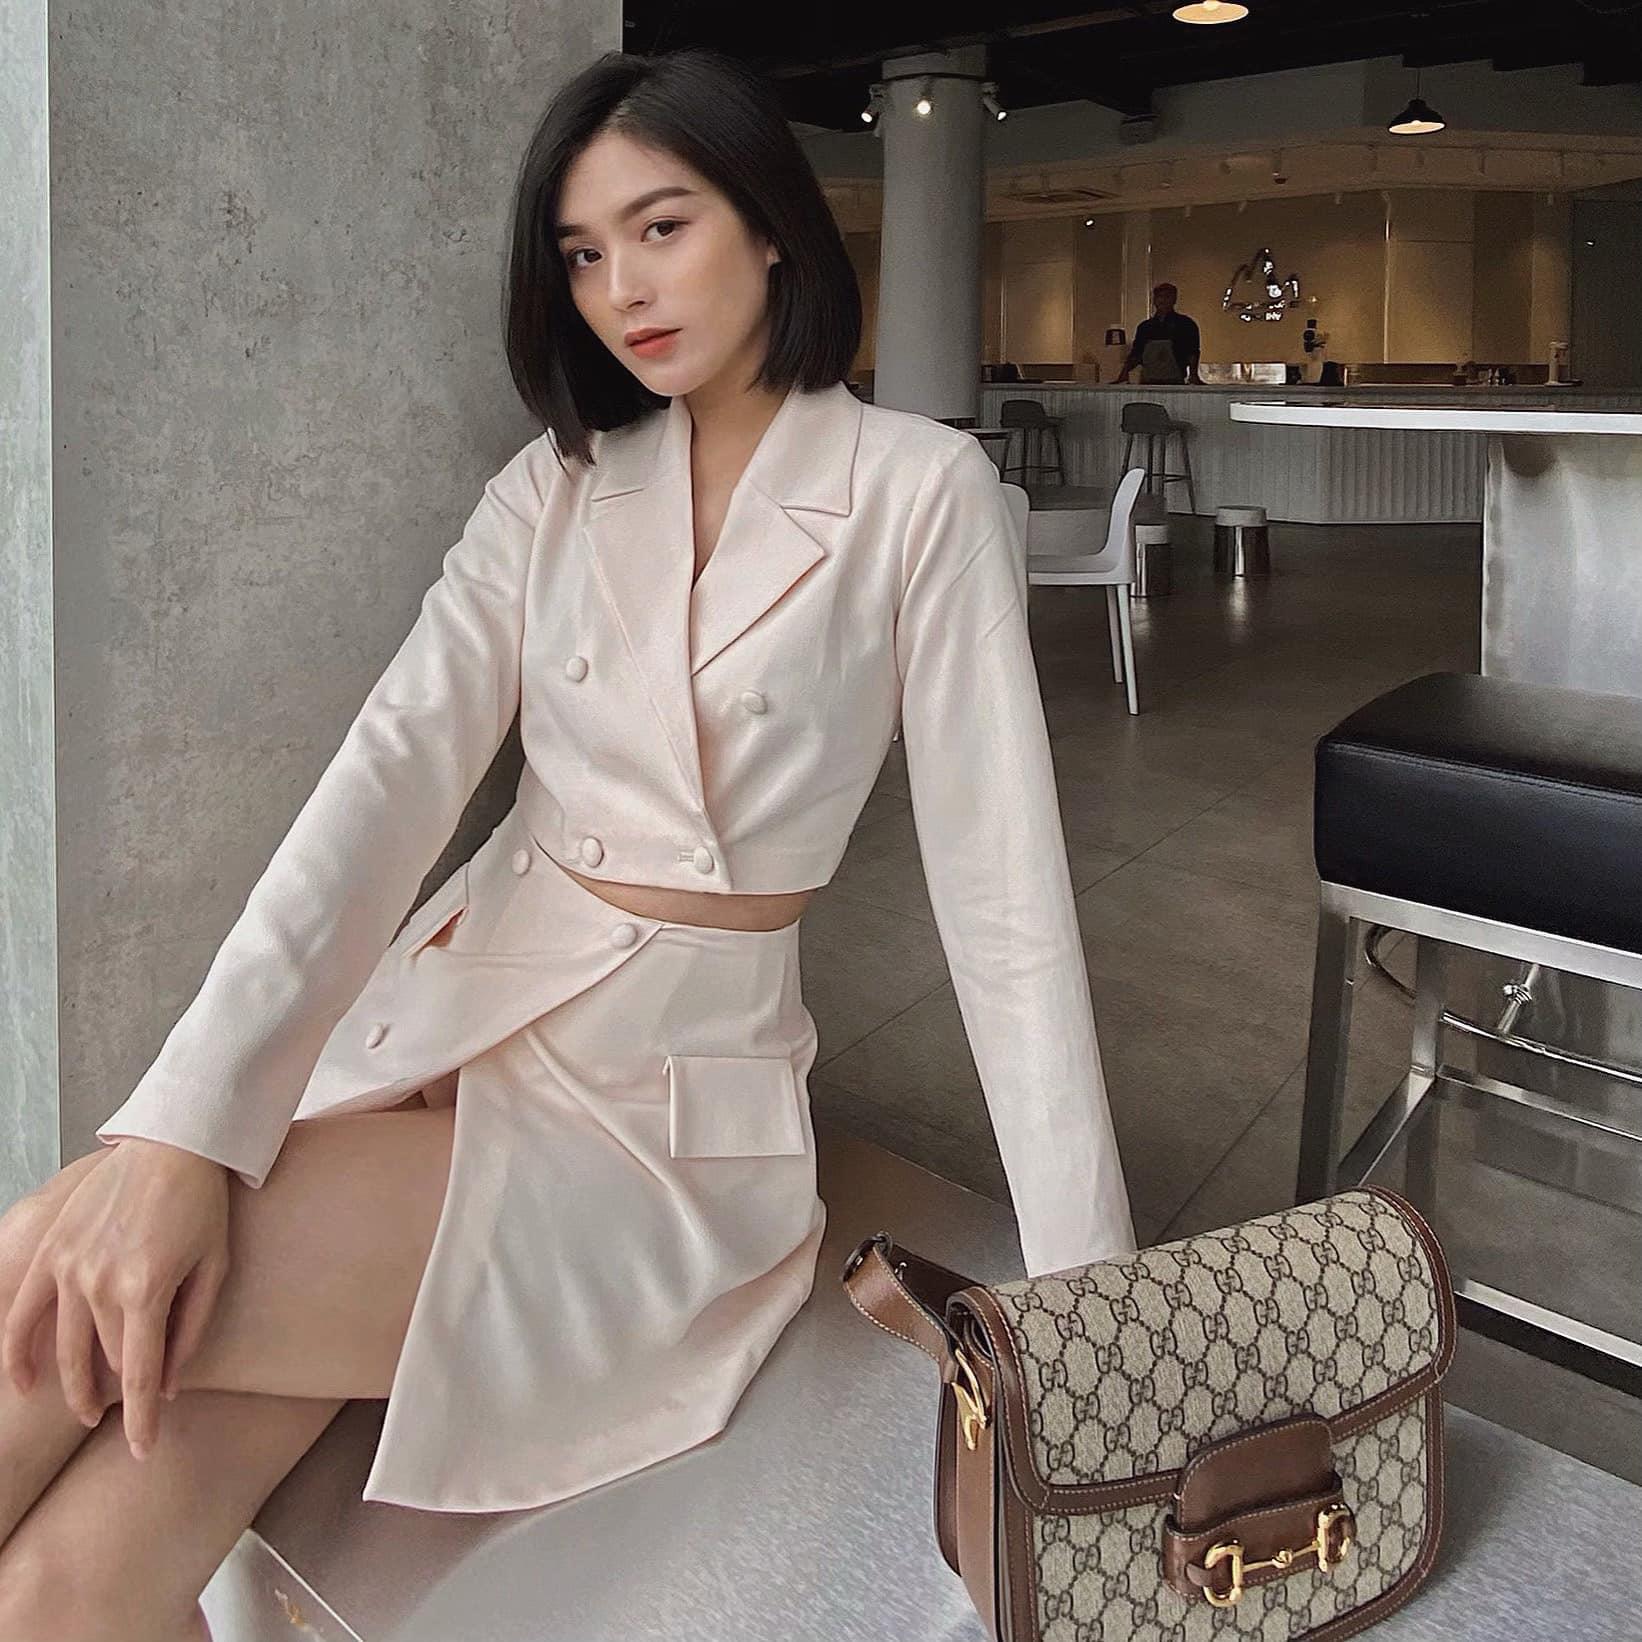 Vẻ đẹp hút hồn của hotgirl Đà Nẵng, giống Hạ Vi và diễn viên xinh đẹp người Thái Lan - Ảnh 2.